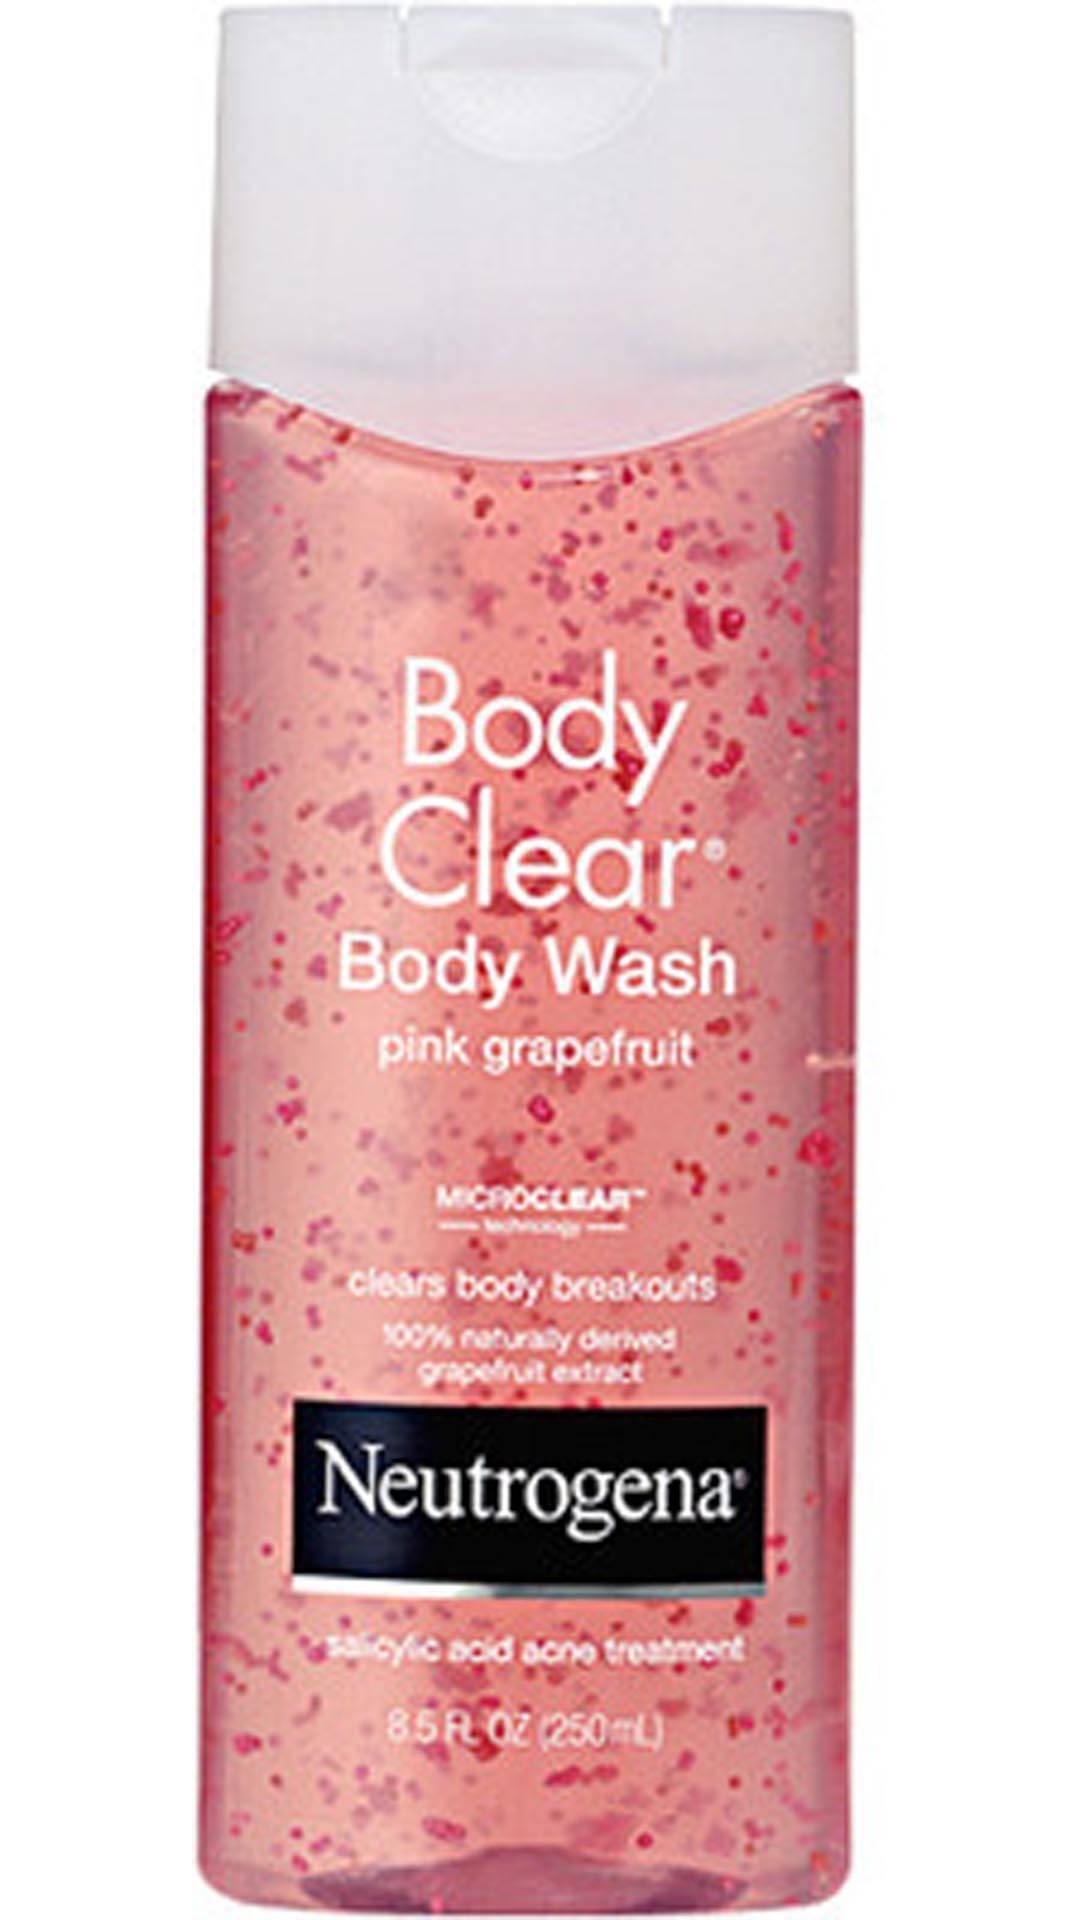 sua-tam-neutrogena-body-clear-body-wash-pink-grapefruit-1